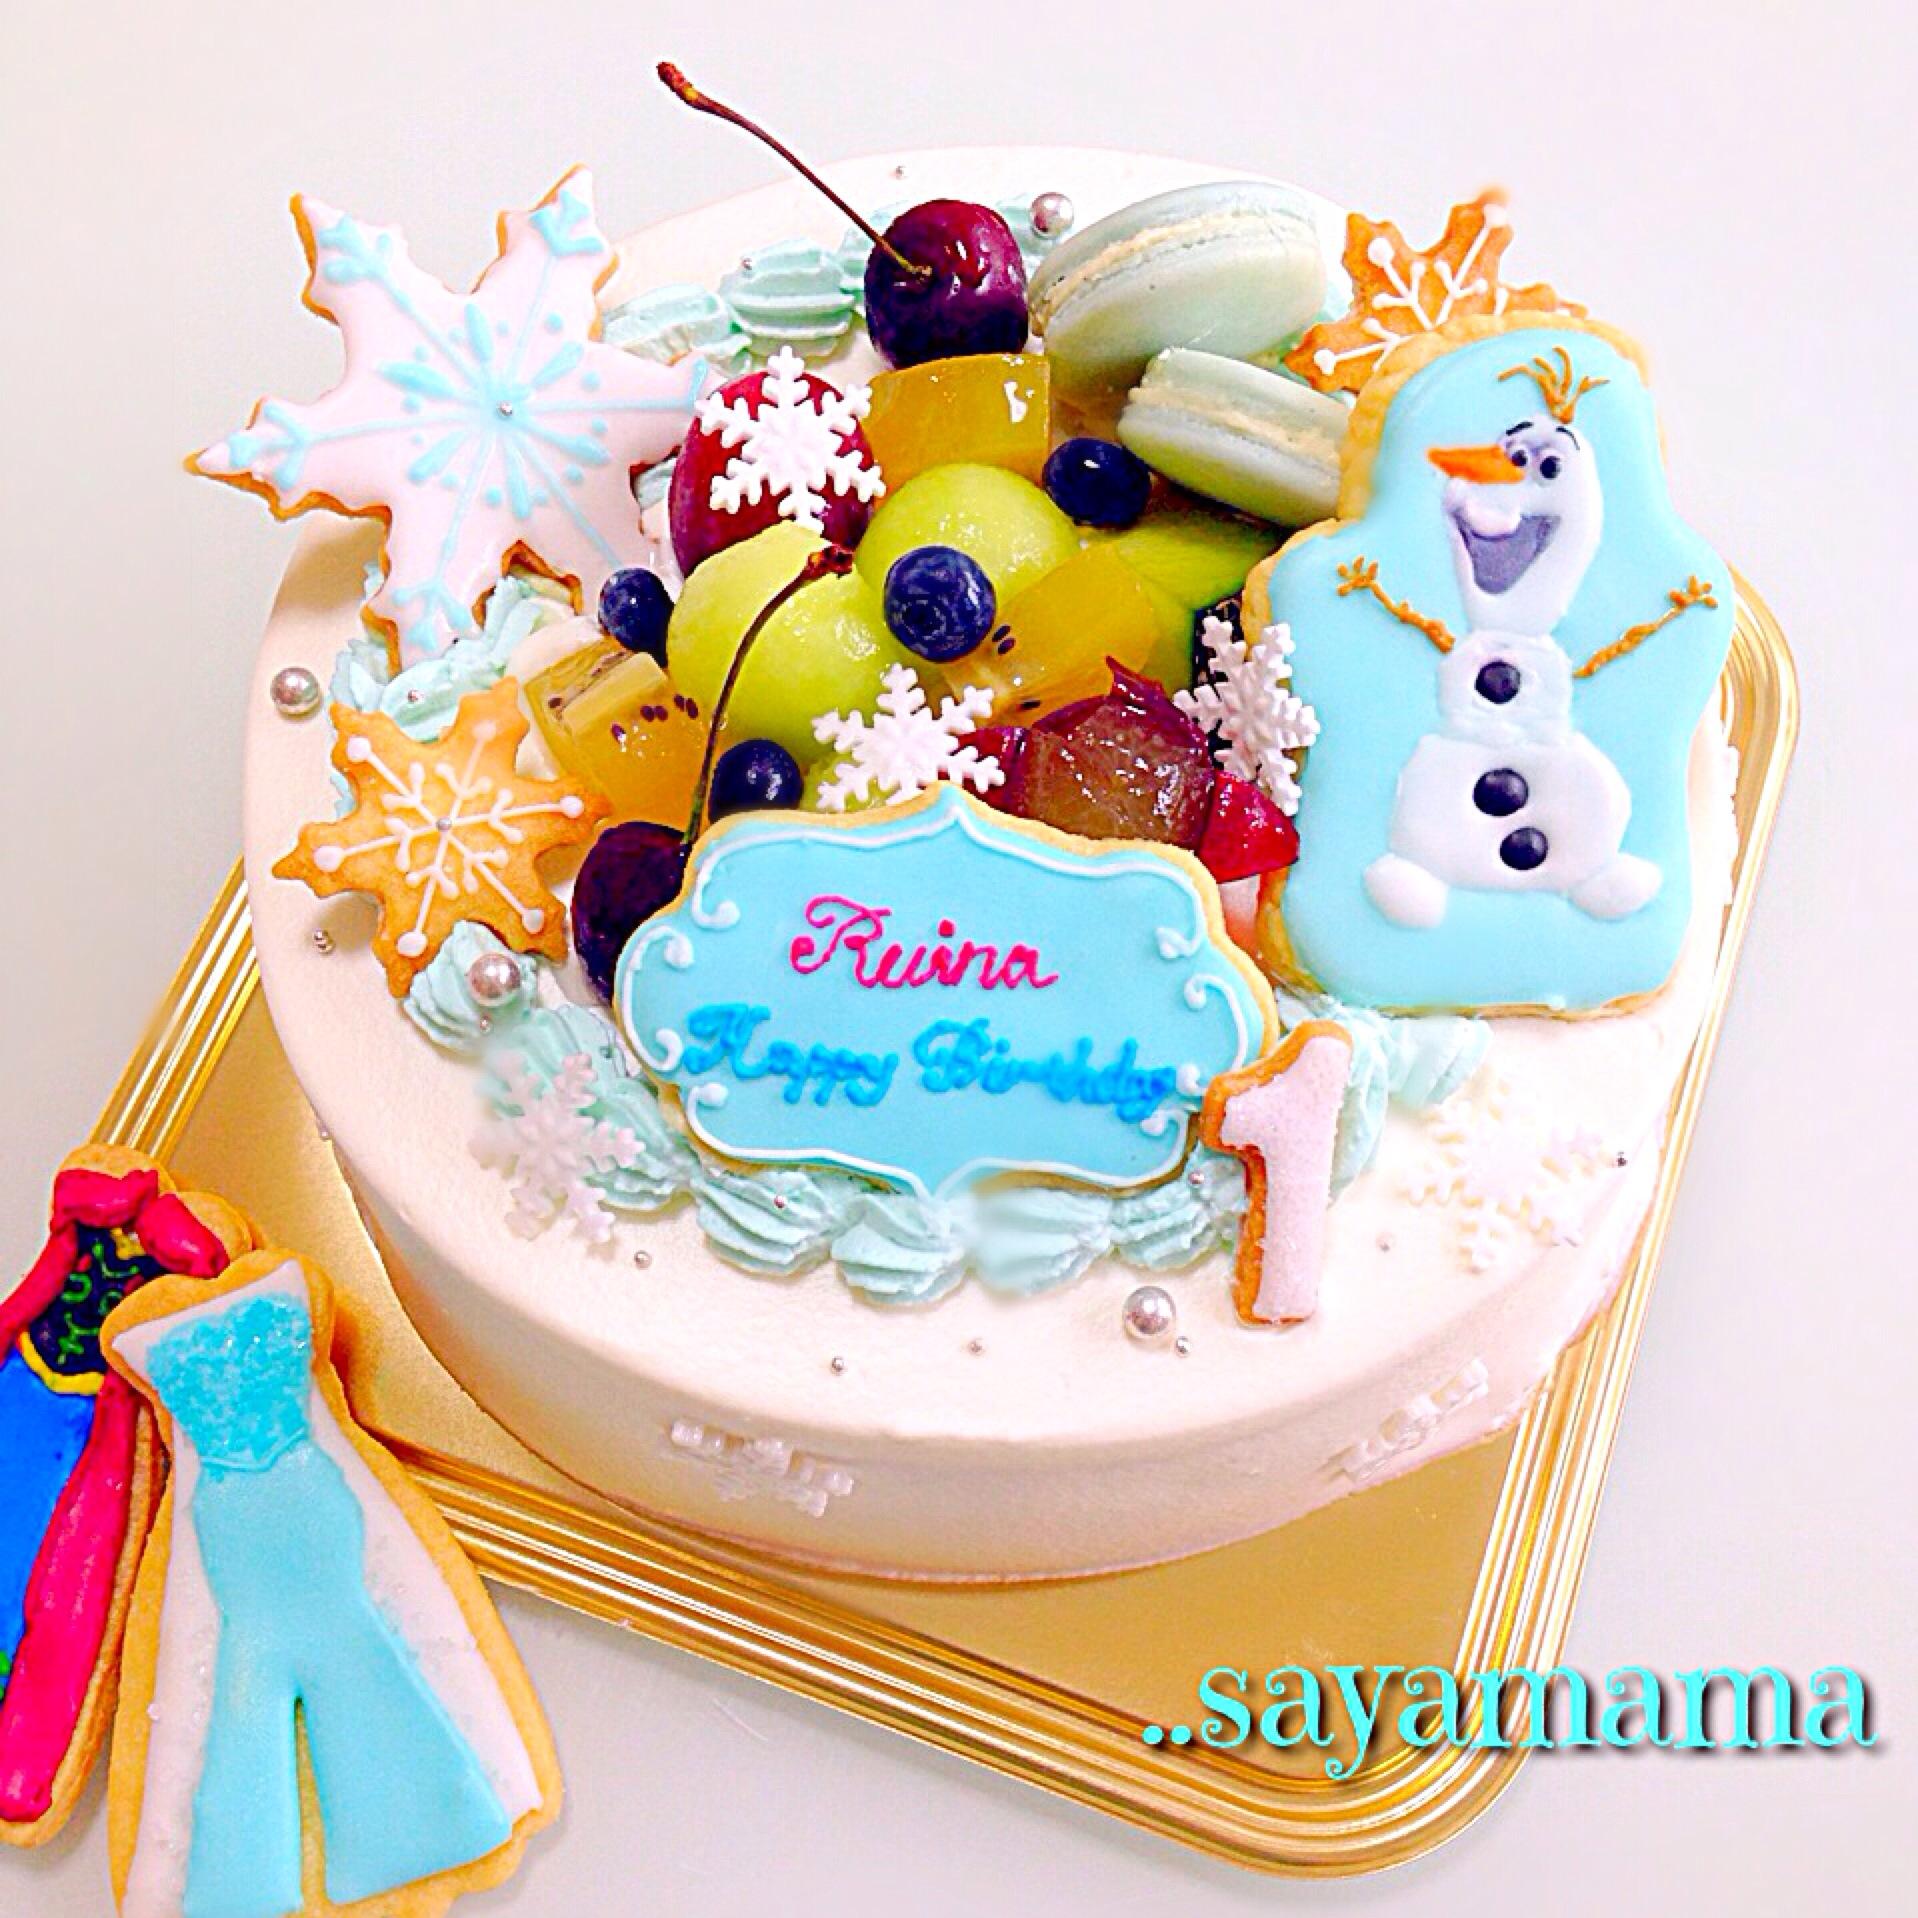 誕生 日 オラフ 「アナ雪」シリーズ最新作が日本初公開|ついに、オラフ誕生のひみつが明らかに…!